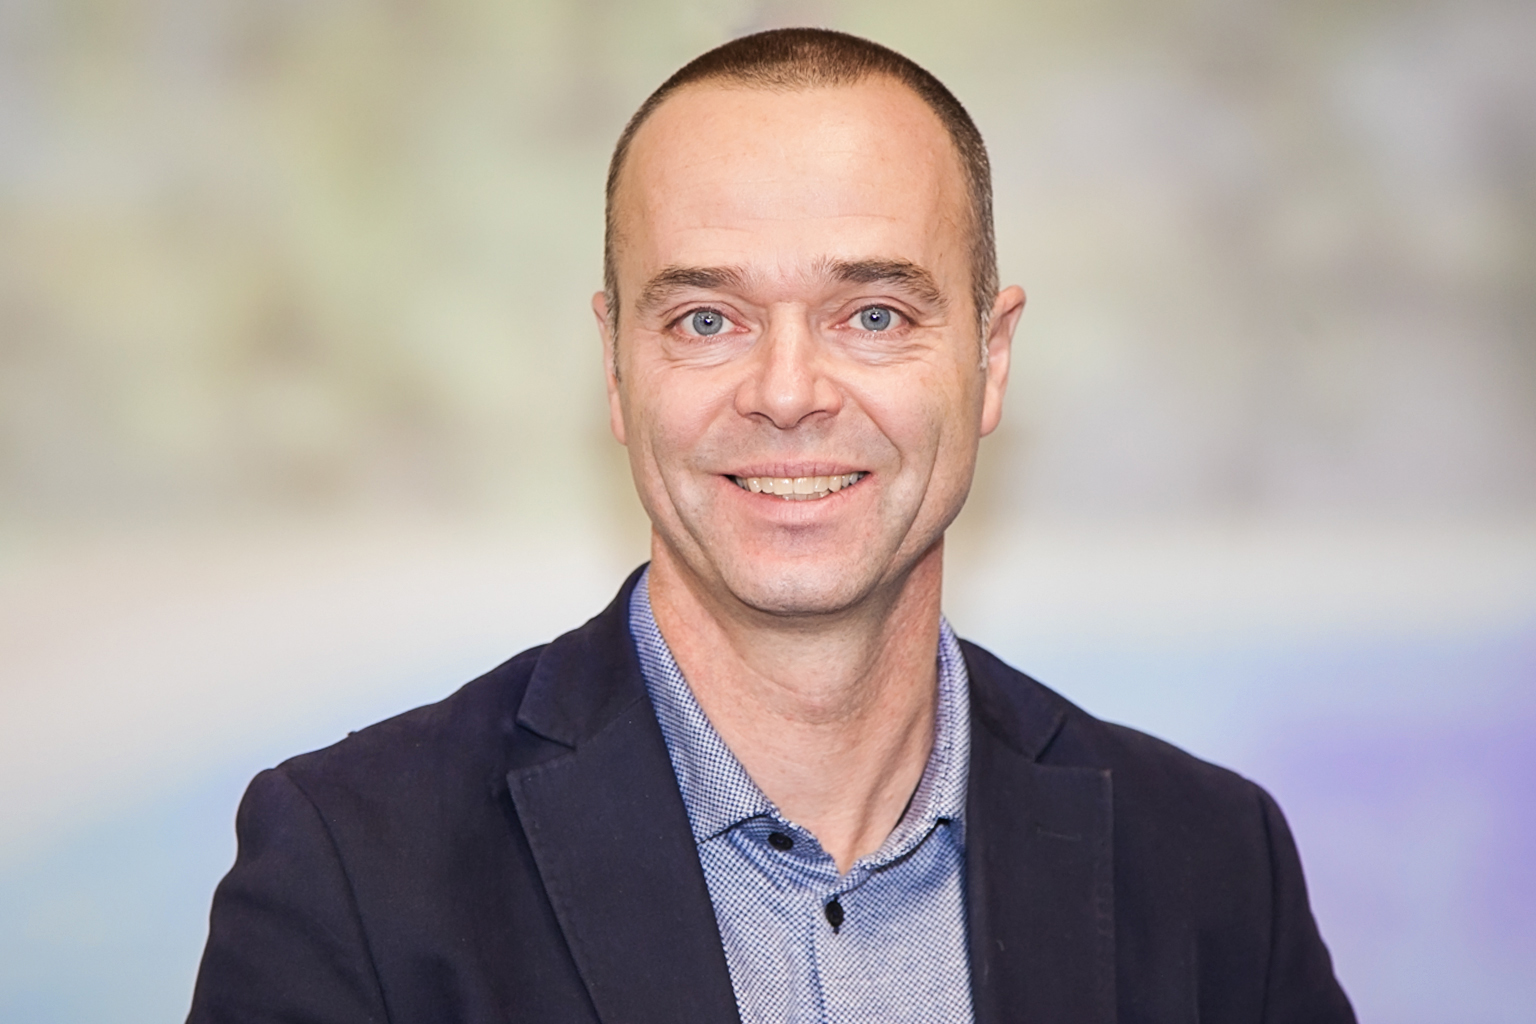 Arjan van der Spank